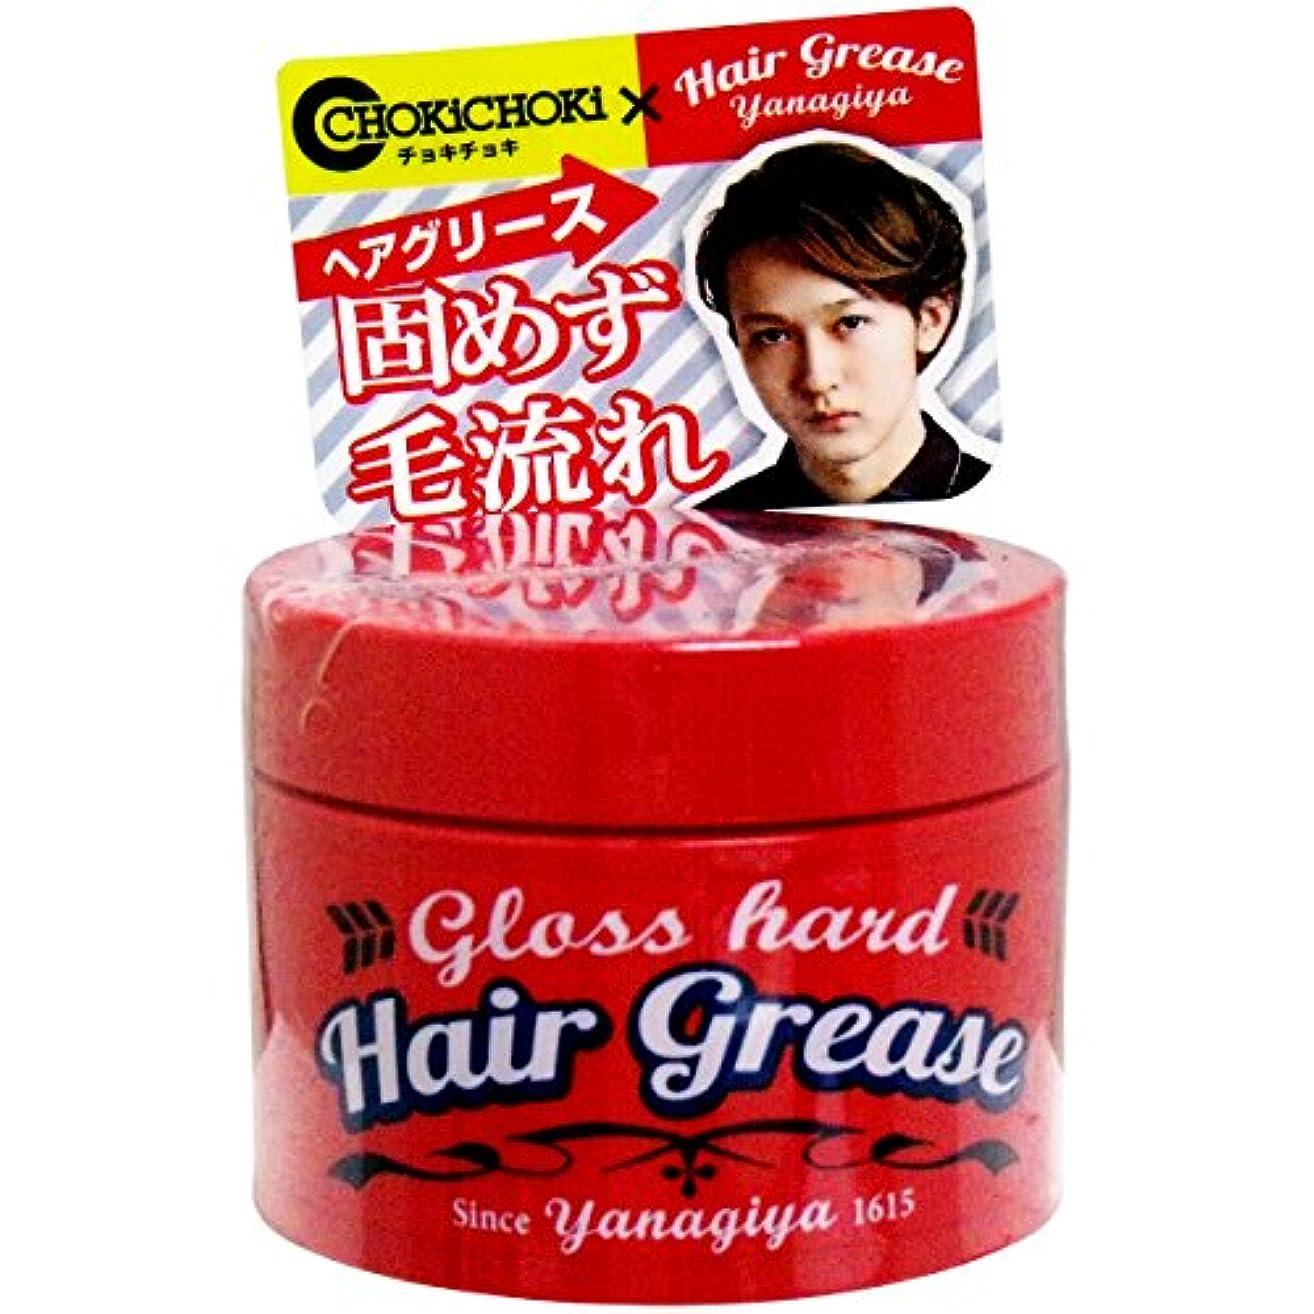 ロケット投票しがみつくヘアワックス 固めず毛流れ 使いやすい YANAGIYA ヘアグリース グロスハード 90g入【2個セット】